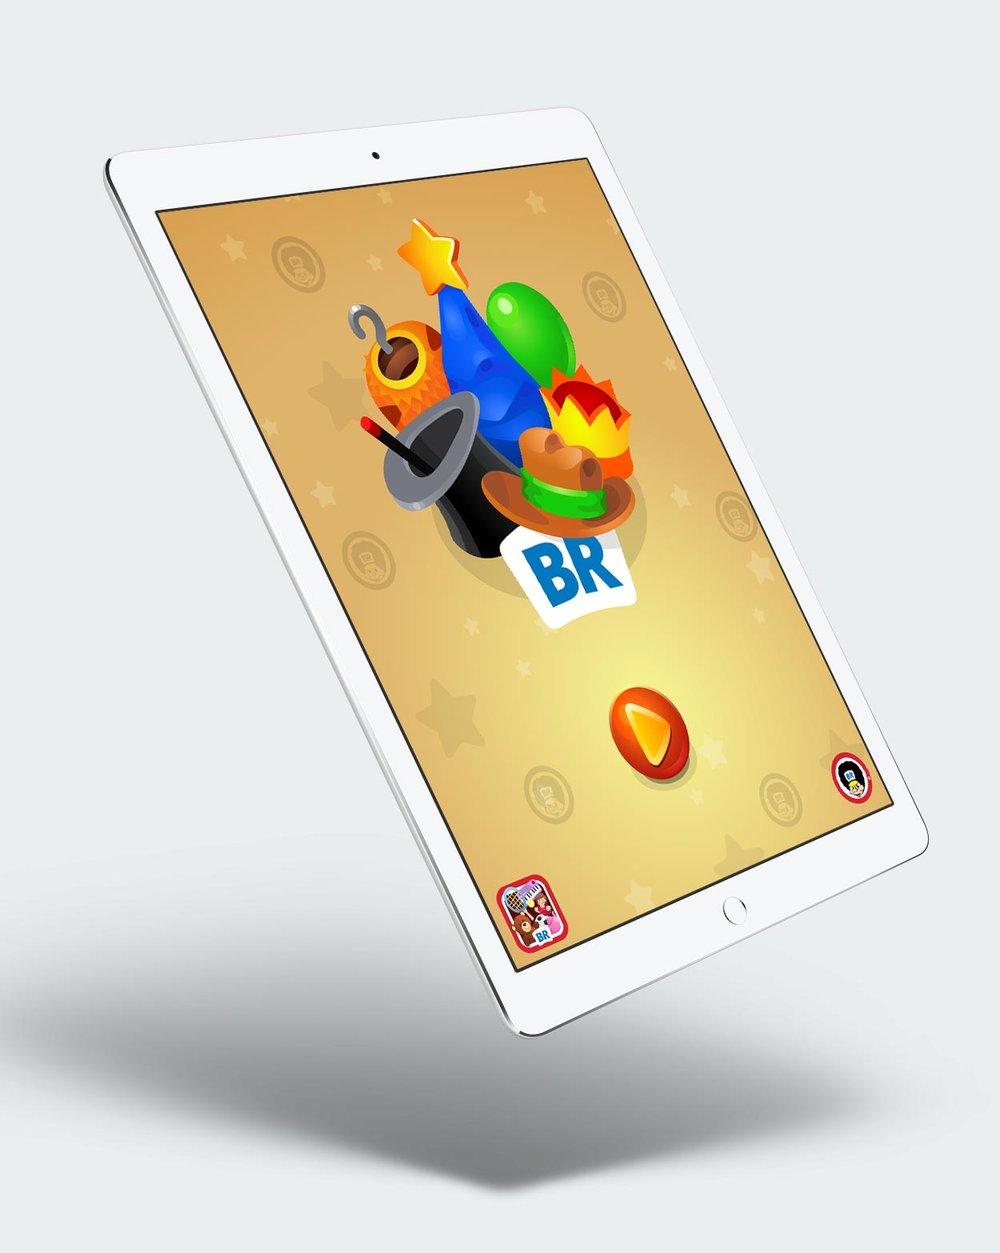 BR app